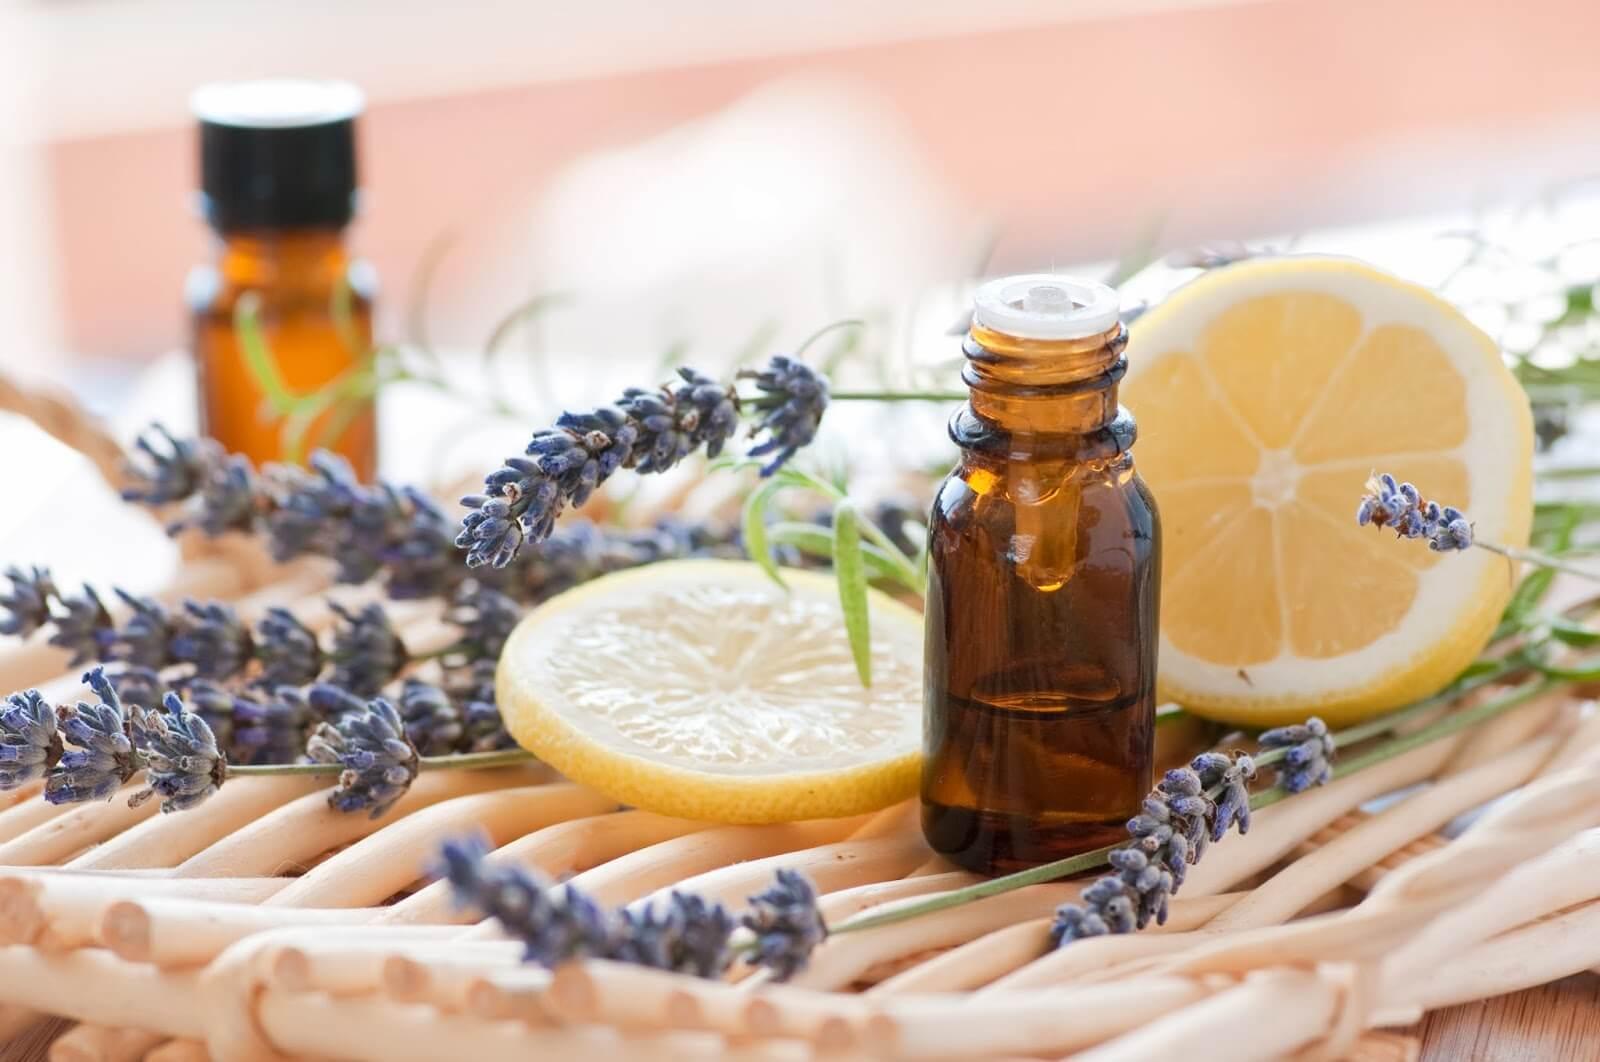 ¿Sabías que tu olfato puede solucionar muchos problemas?